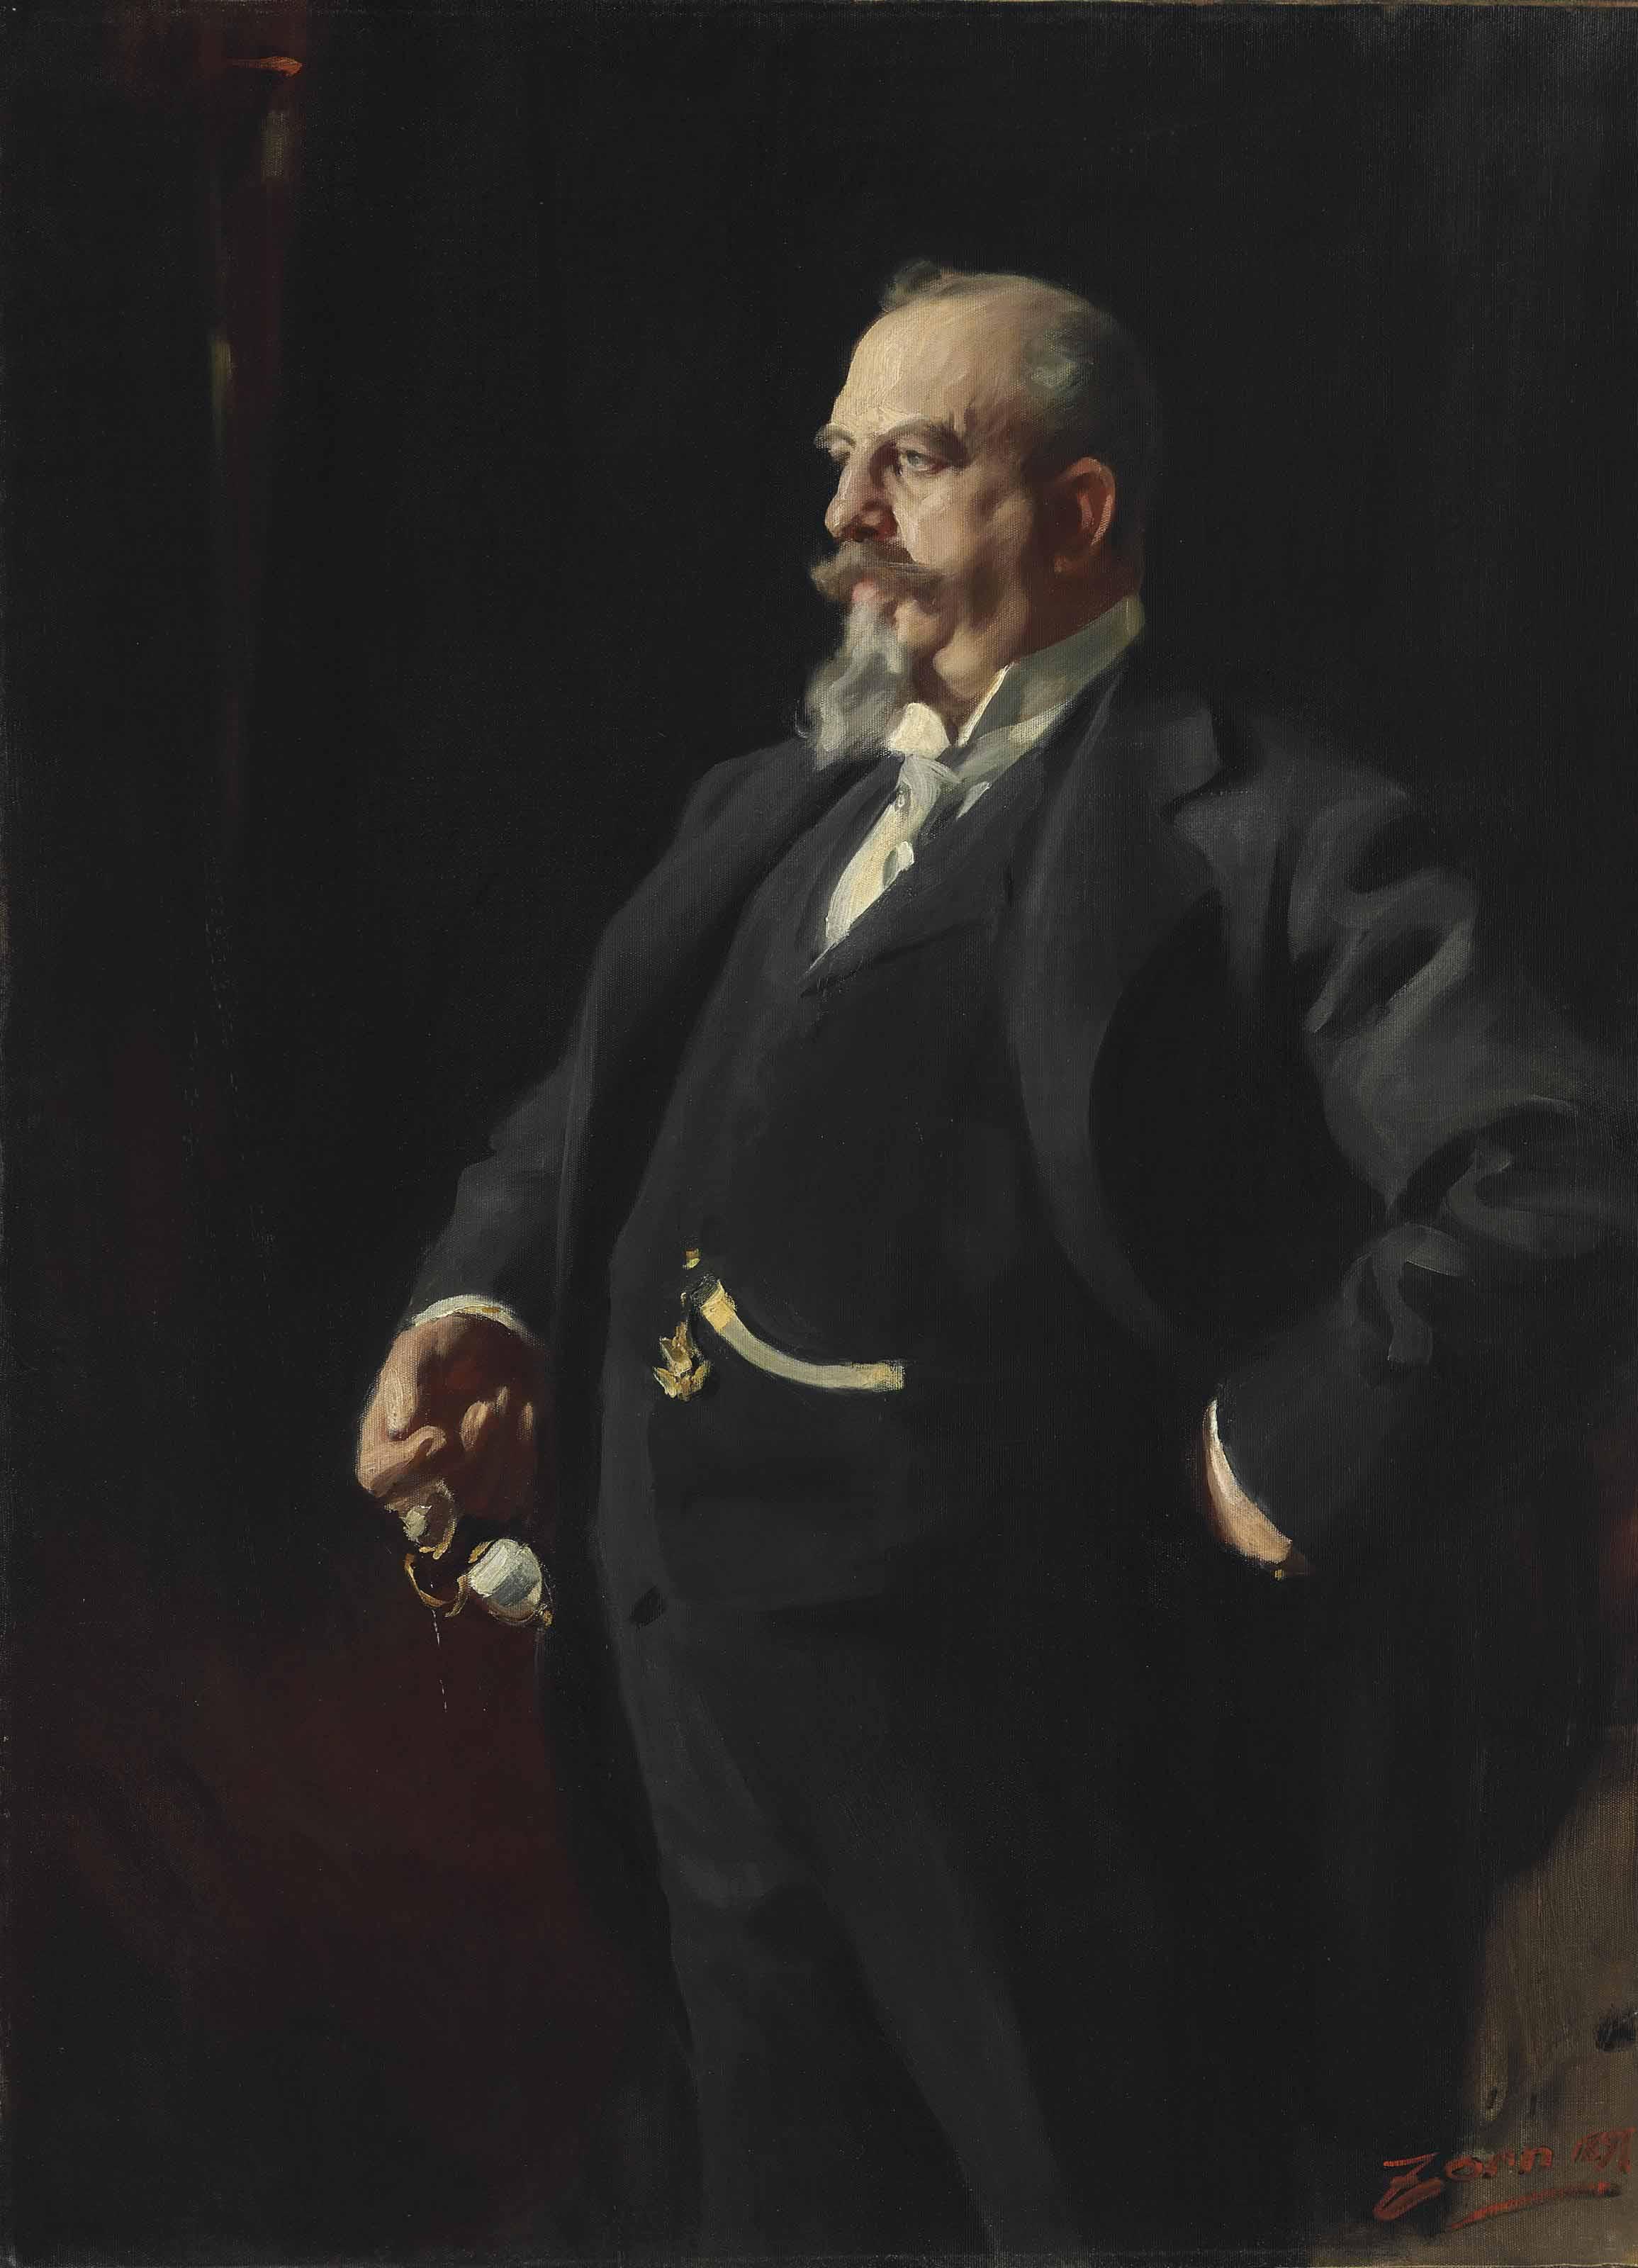 Portrait of Adolphus Busch